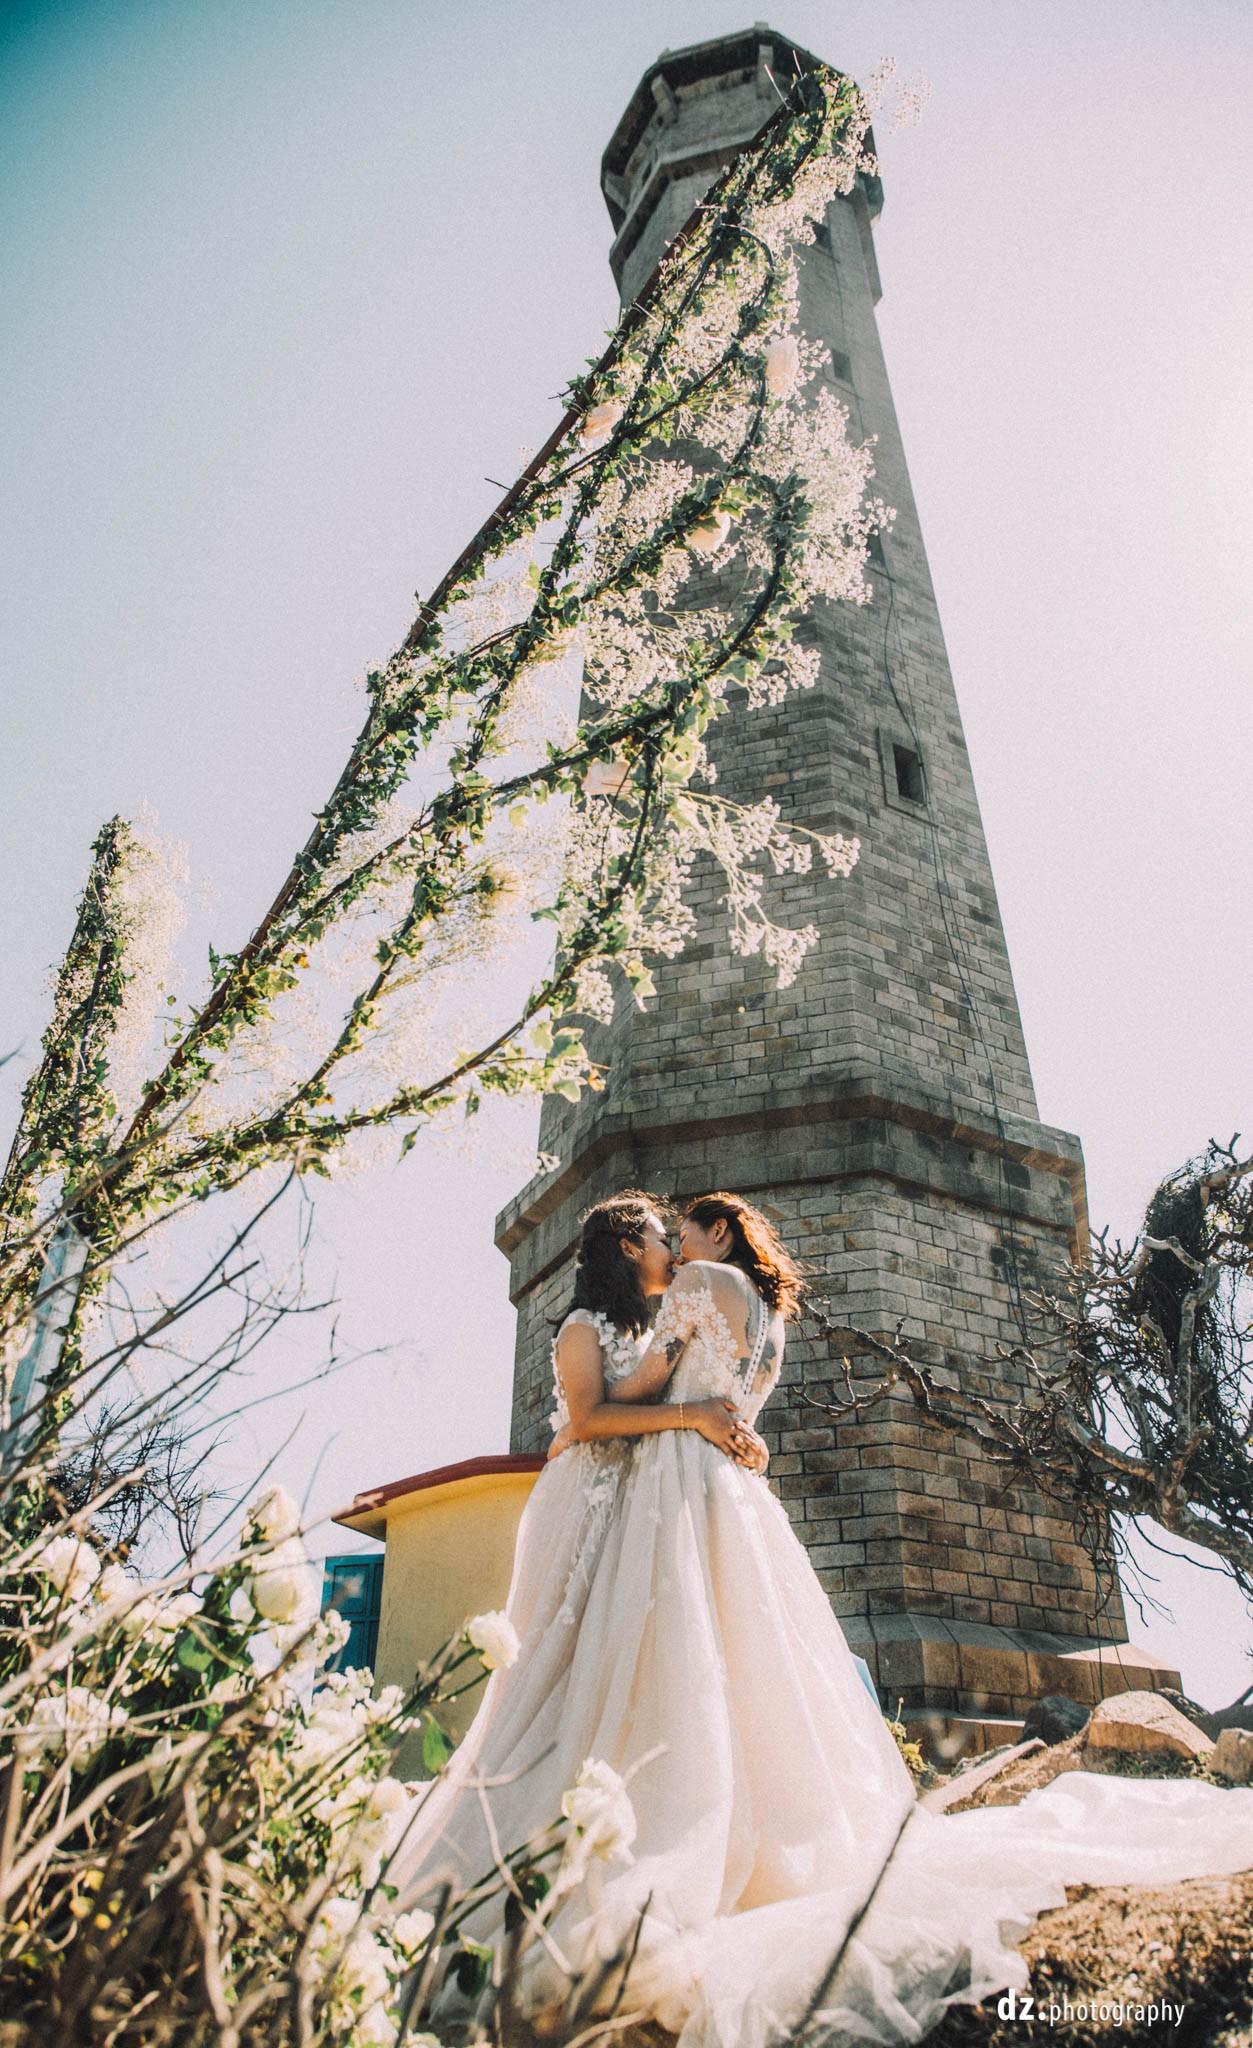 Đám cưới đồng tính của hai cô gái từng là tình địch giữa bãi biển Bình Thuận thơ mộng - Ảnh 10.